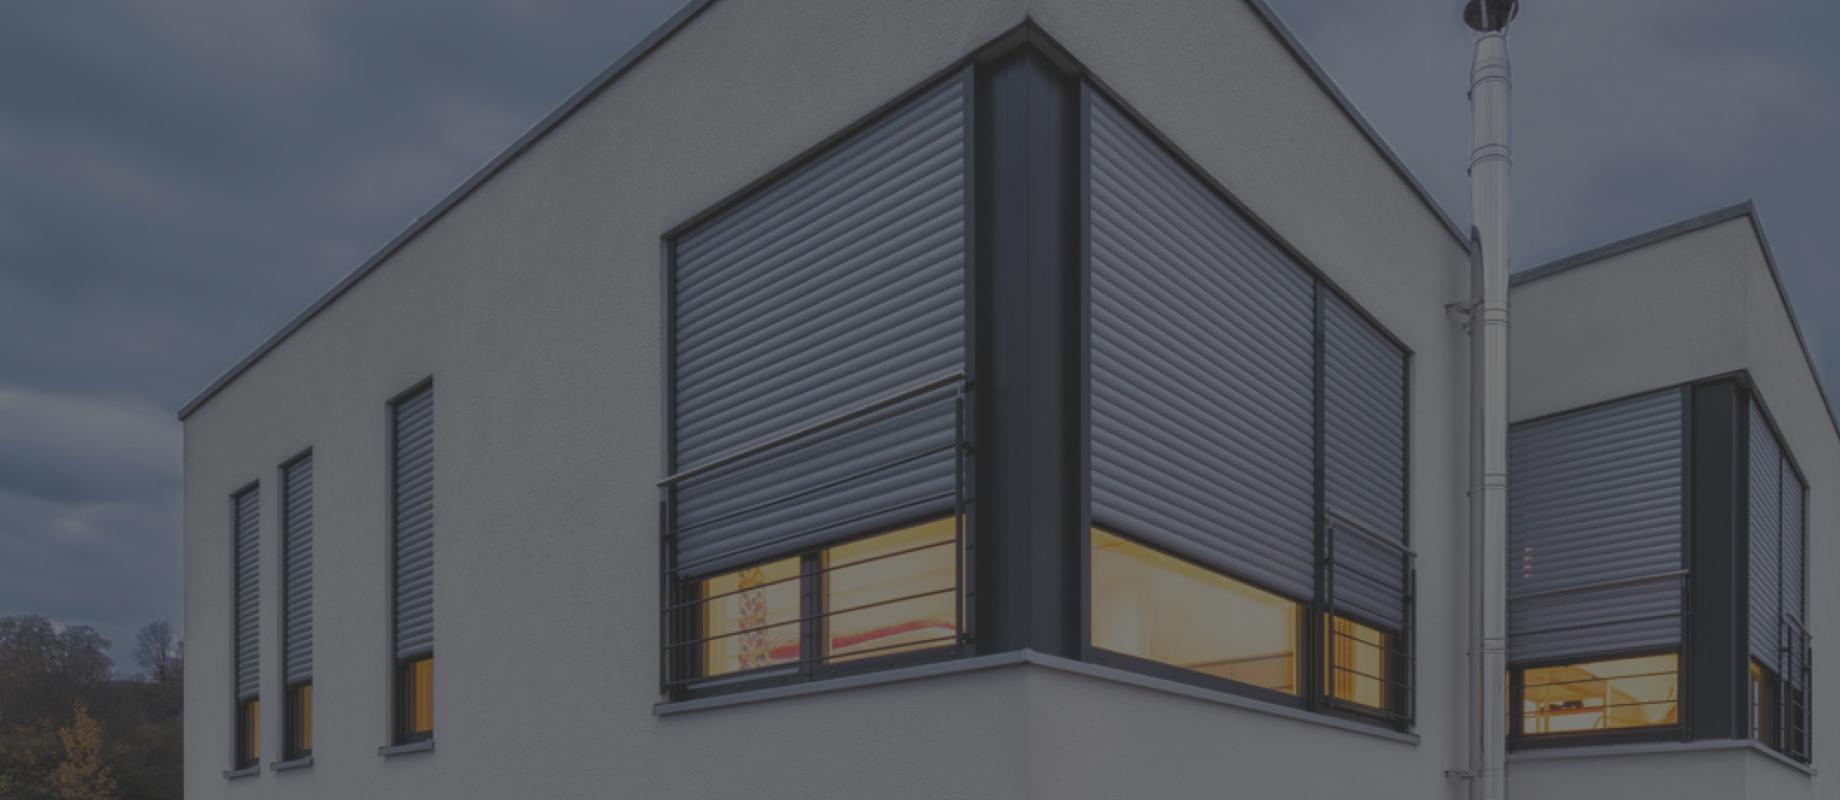 Full Size of Fenster Mit Rolladenkasten Roro Schüco Online Maße Sofa Schlaffunktion Federkern Internorm Preise Bett Schubladen Weiß Rolladen Aron Eckküche Fenster Fenster Mit Rolladenkasten